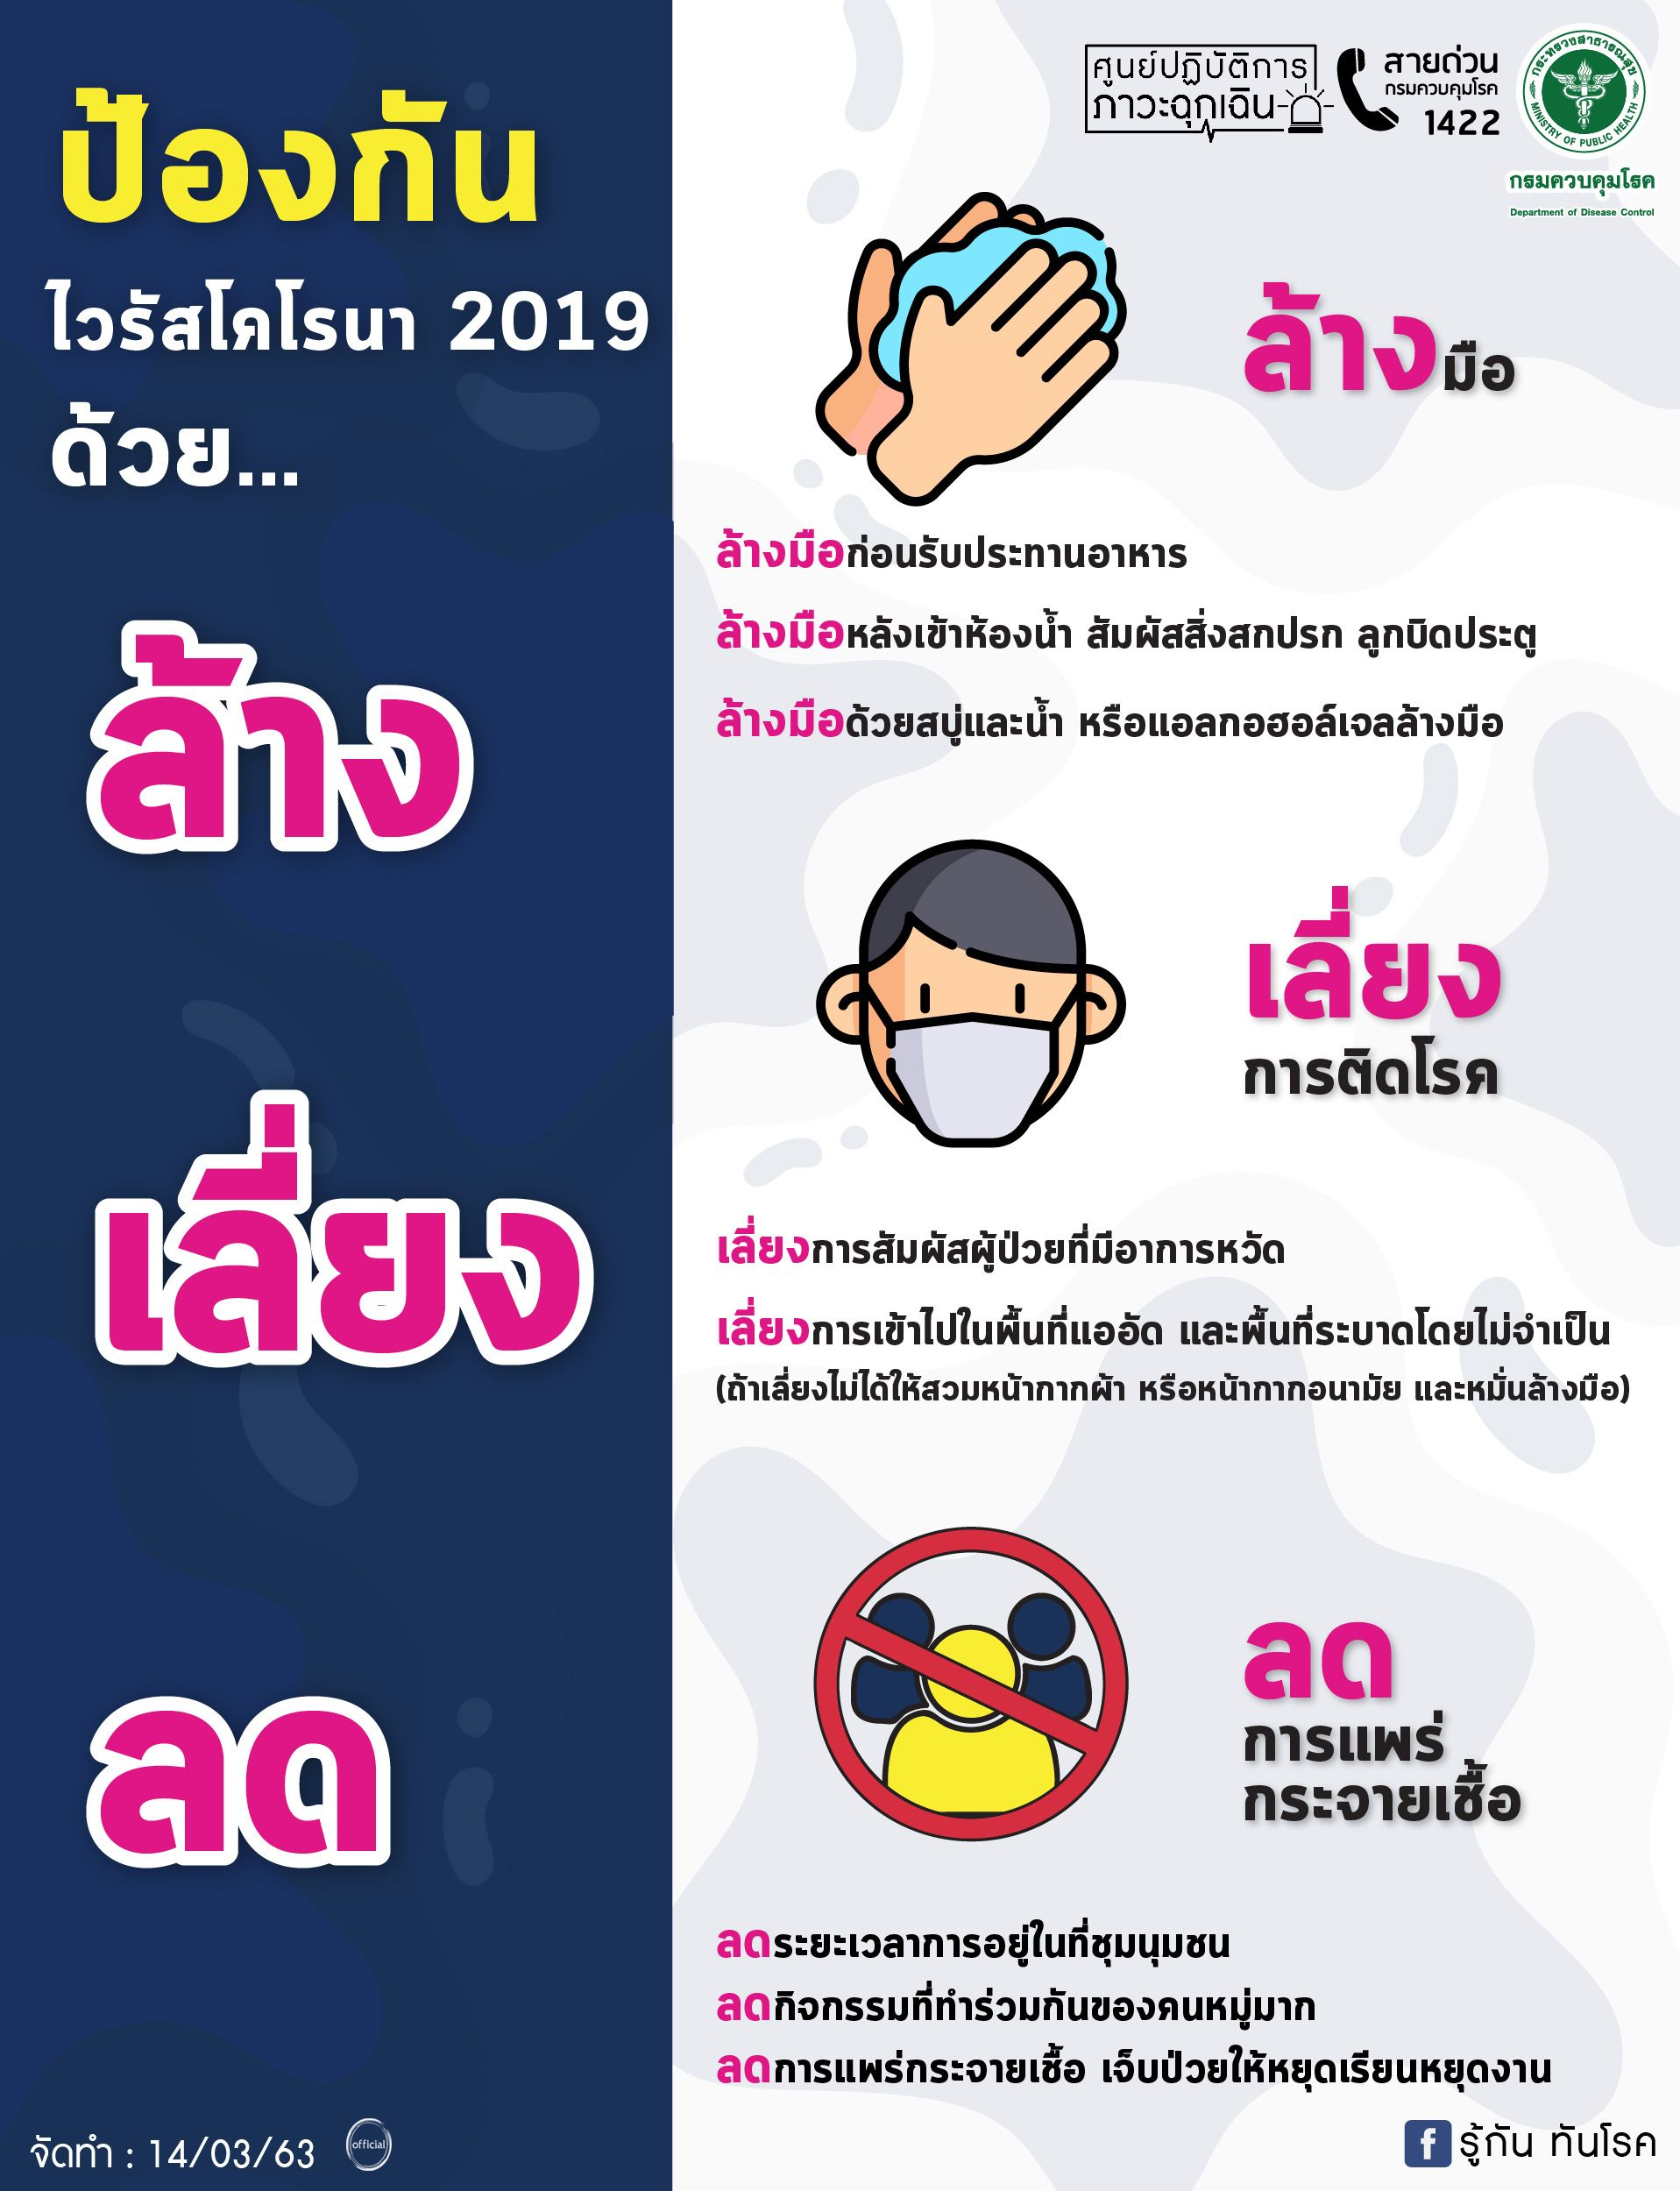 ป้องกันไวรัสโคโรนา 2019 ด้วยล้างมือ เลี่ยงการติดโรค ลดการแพร่กระจายเชื้อ